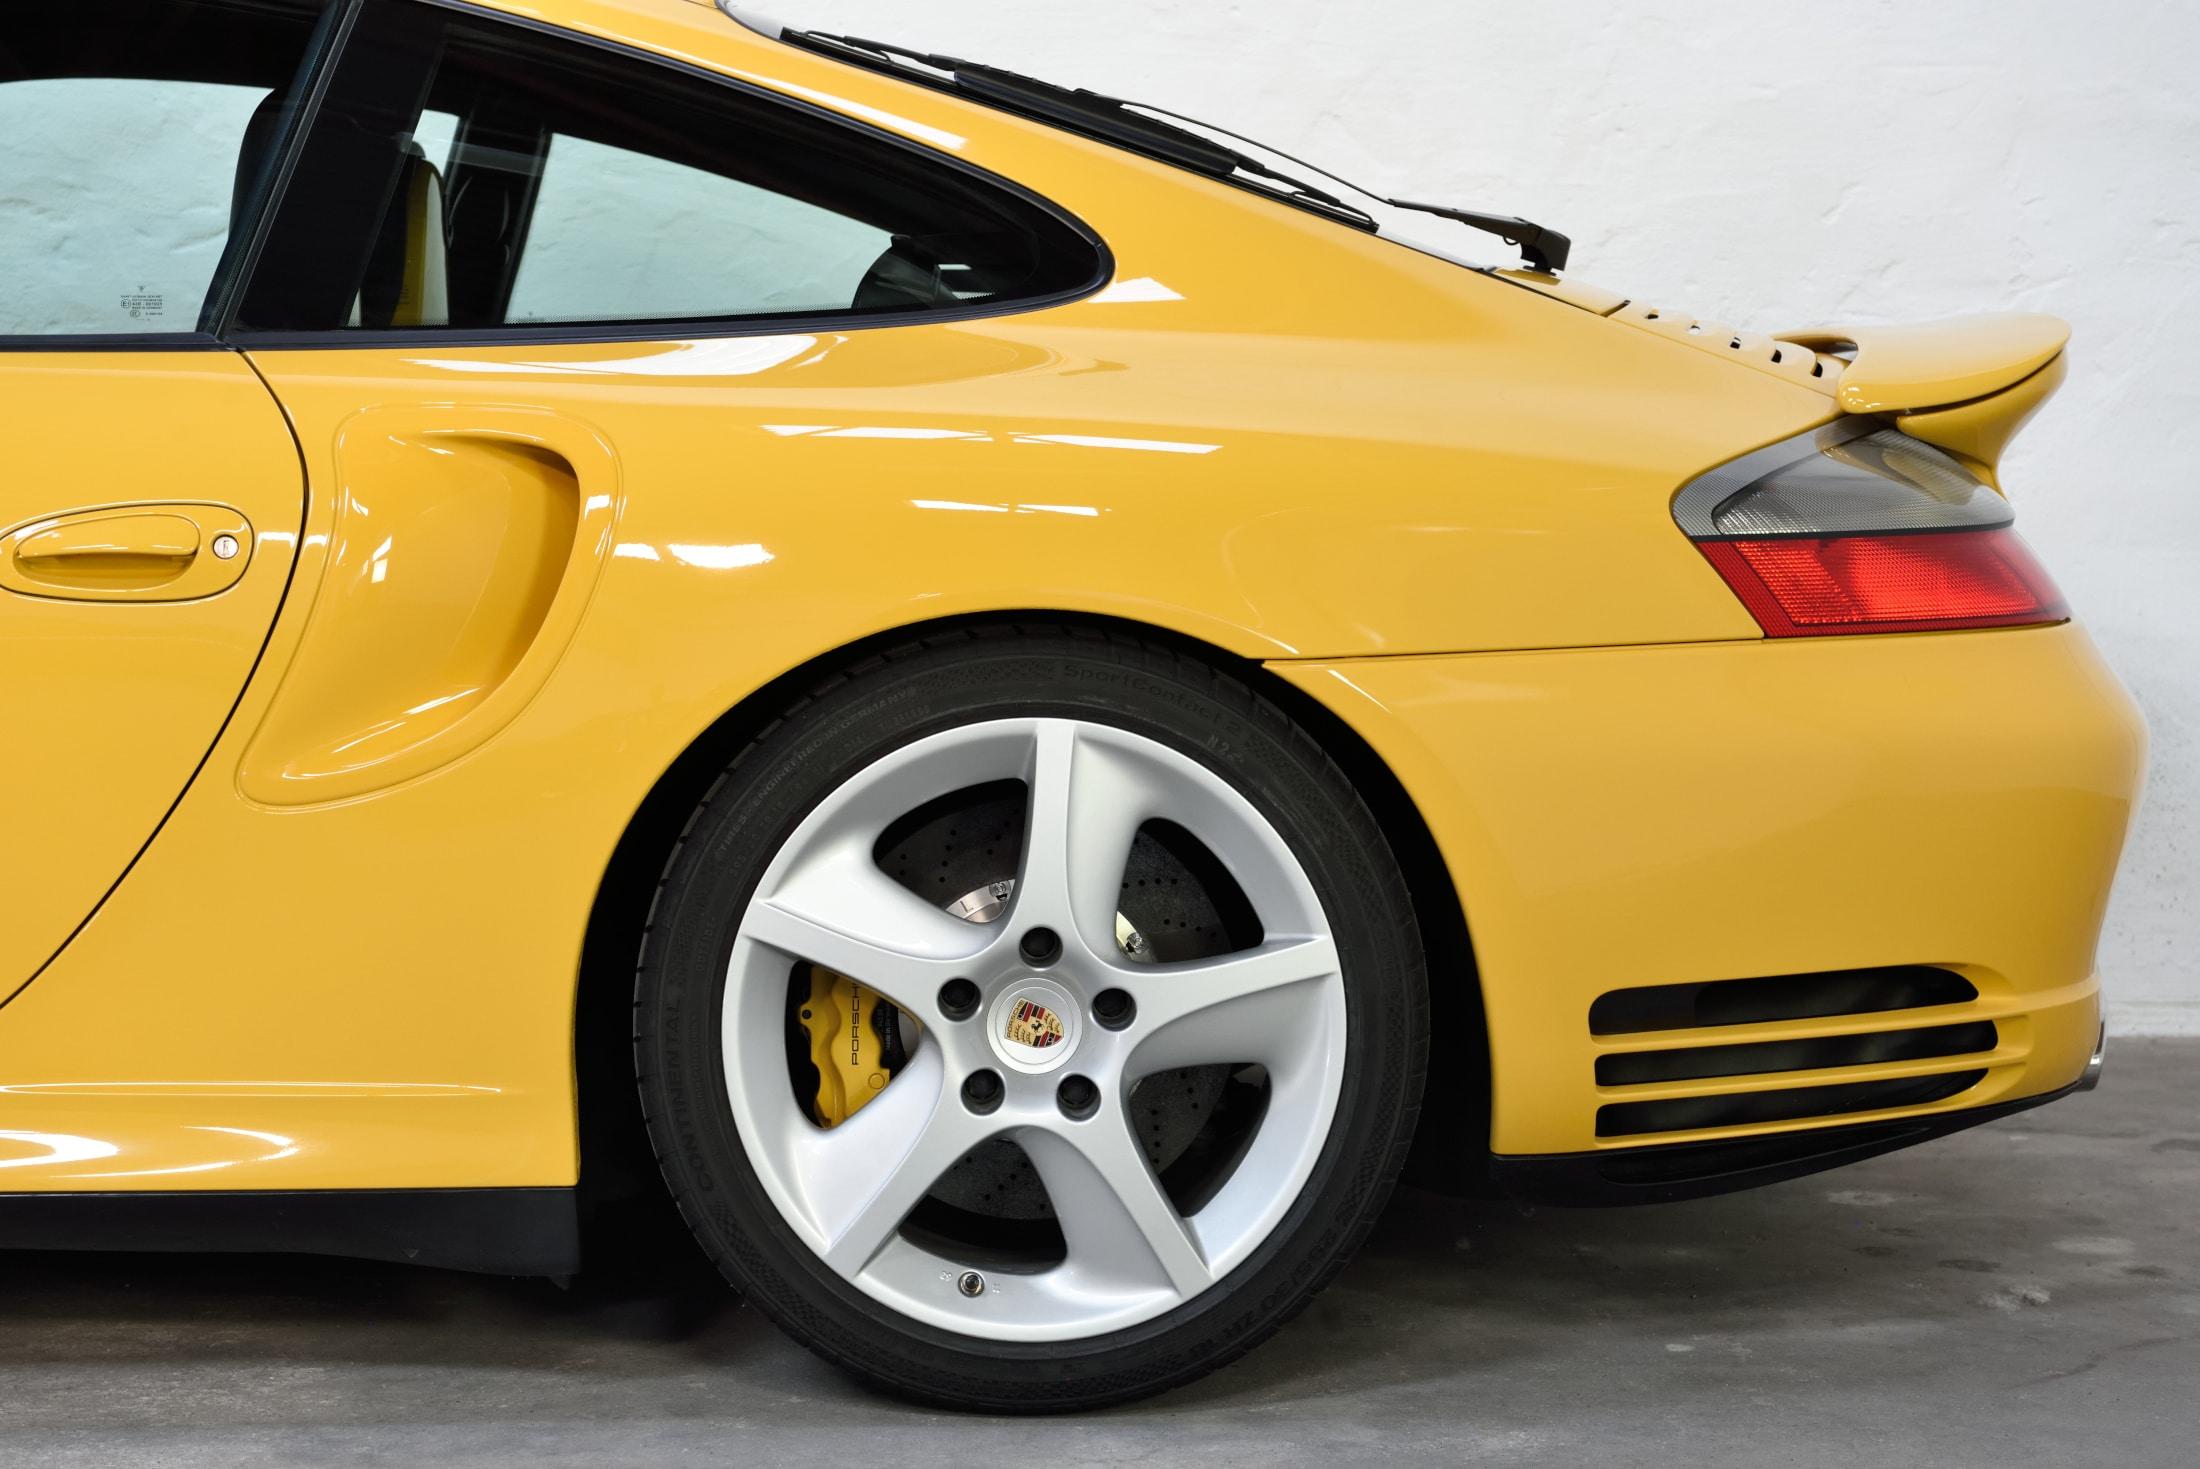 Porsche 996 Turbo Werksleistungssteigerung